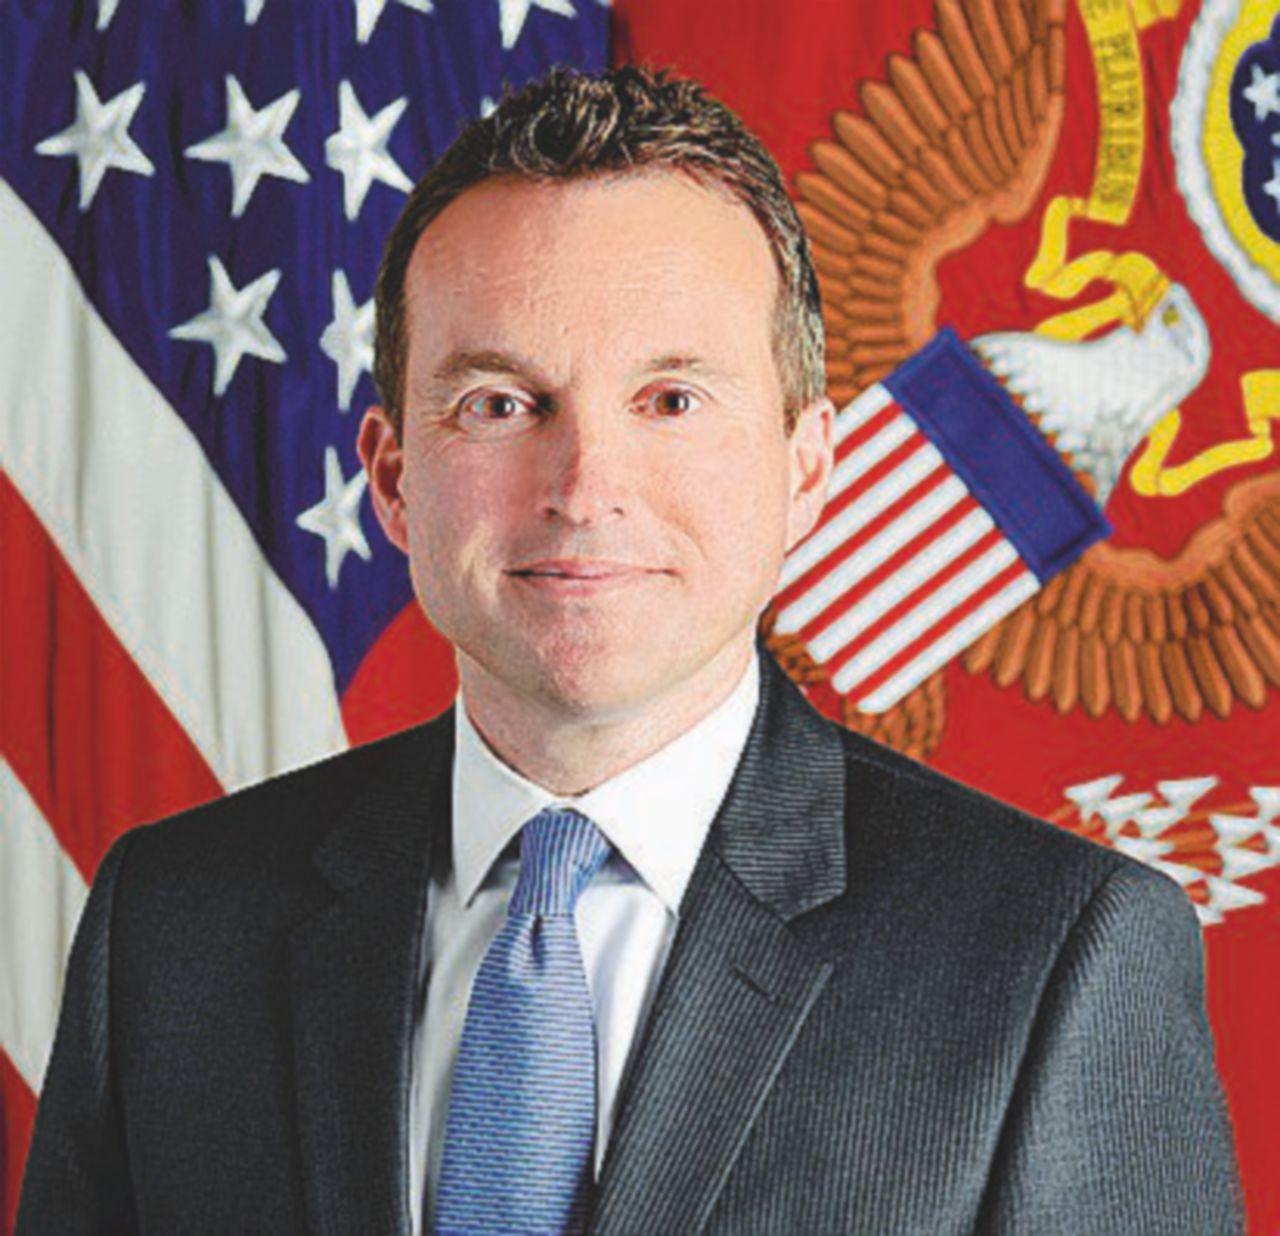 Al capo gay dell'esercito la patata bollente: riduzione di 40 mila effettivi entro il 2018